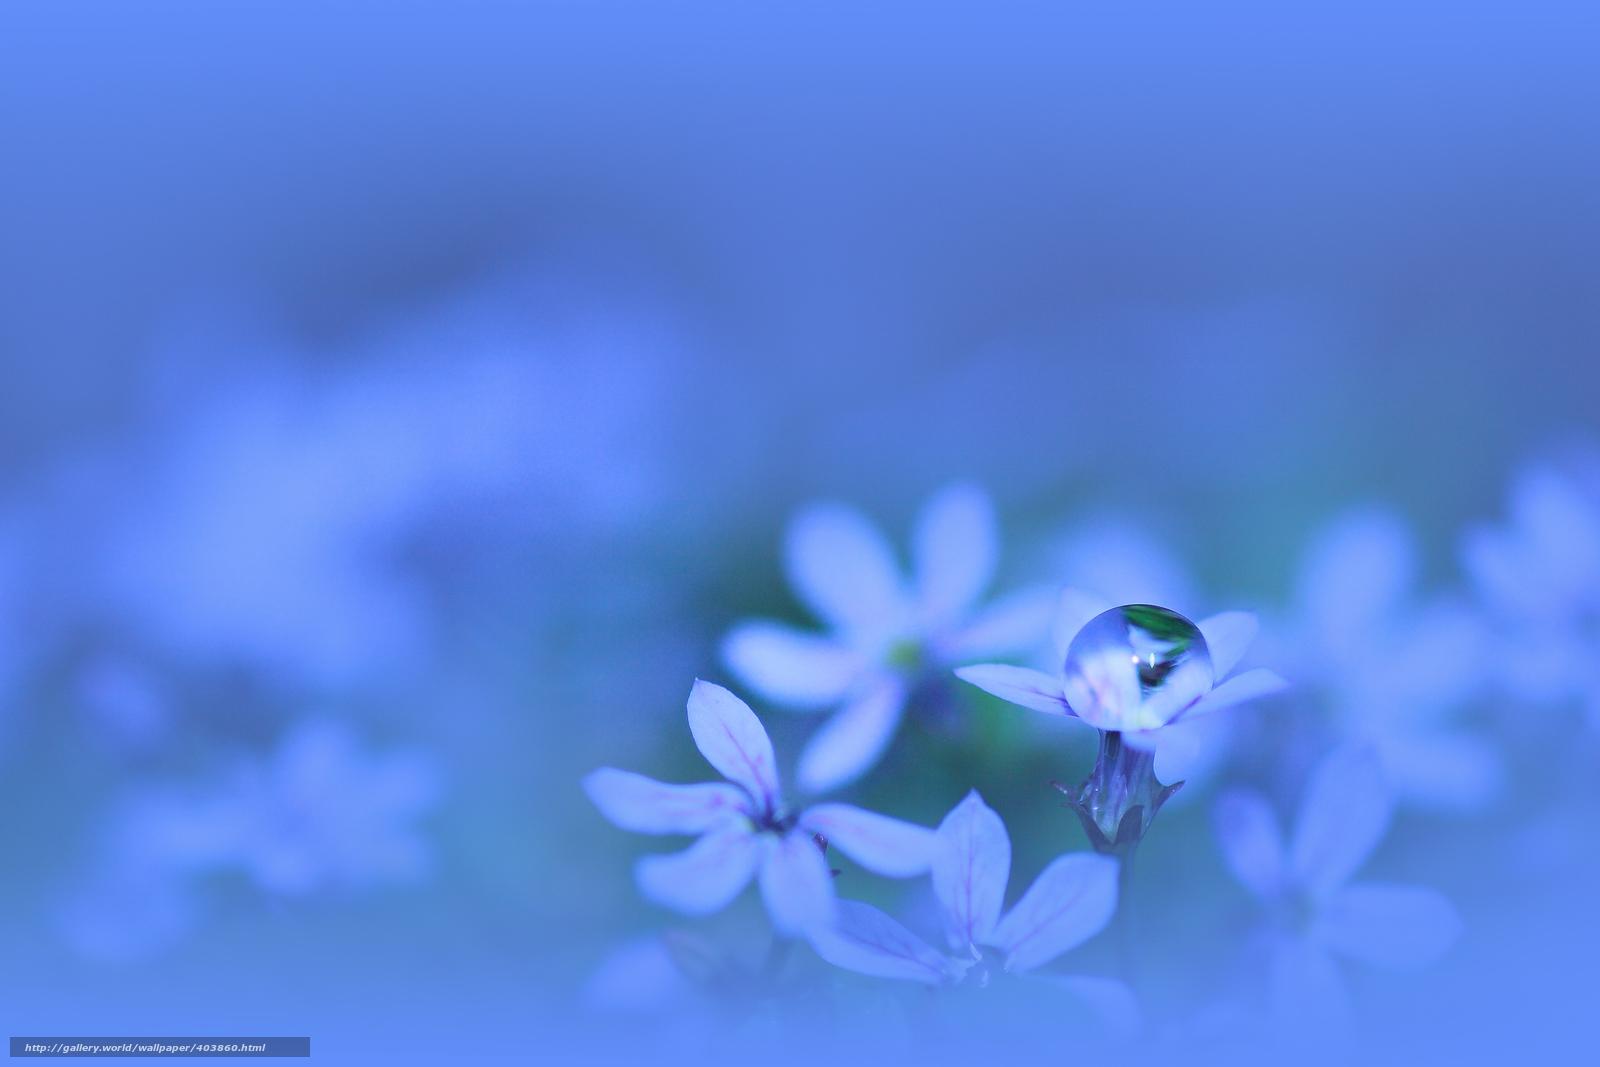 Scaricare Gli Sfondi Fiori Blu Blu Petali Sfondi Gratis Per La